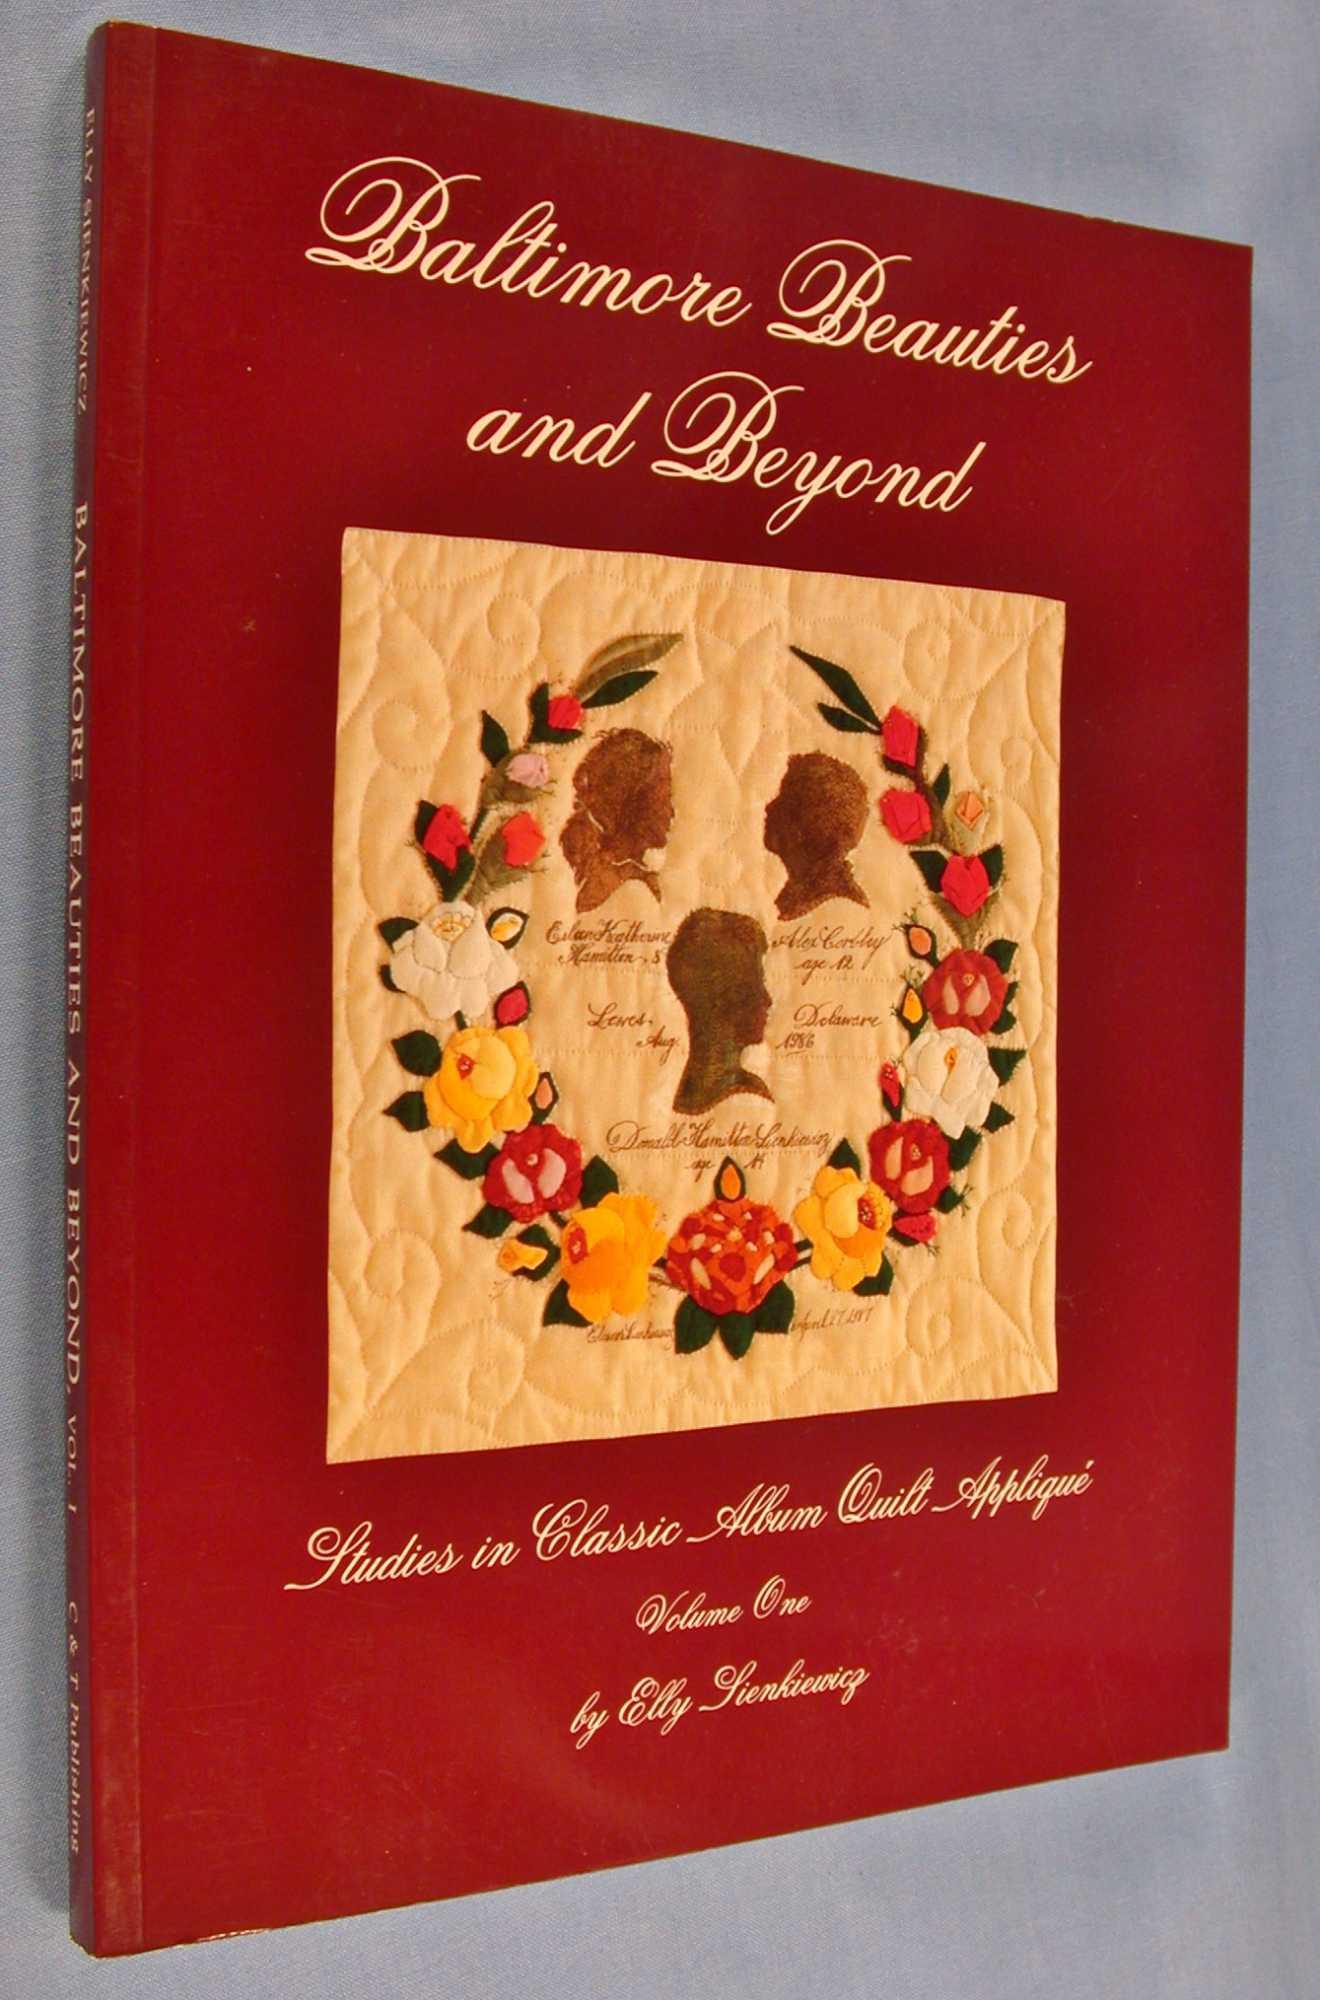 Baltimore Beauties and Beyond: Studies in Classic Album Applique (Vol. 1) (Baltimore Beauties and Beyond Series), Sienkiewicz, Elly